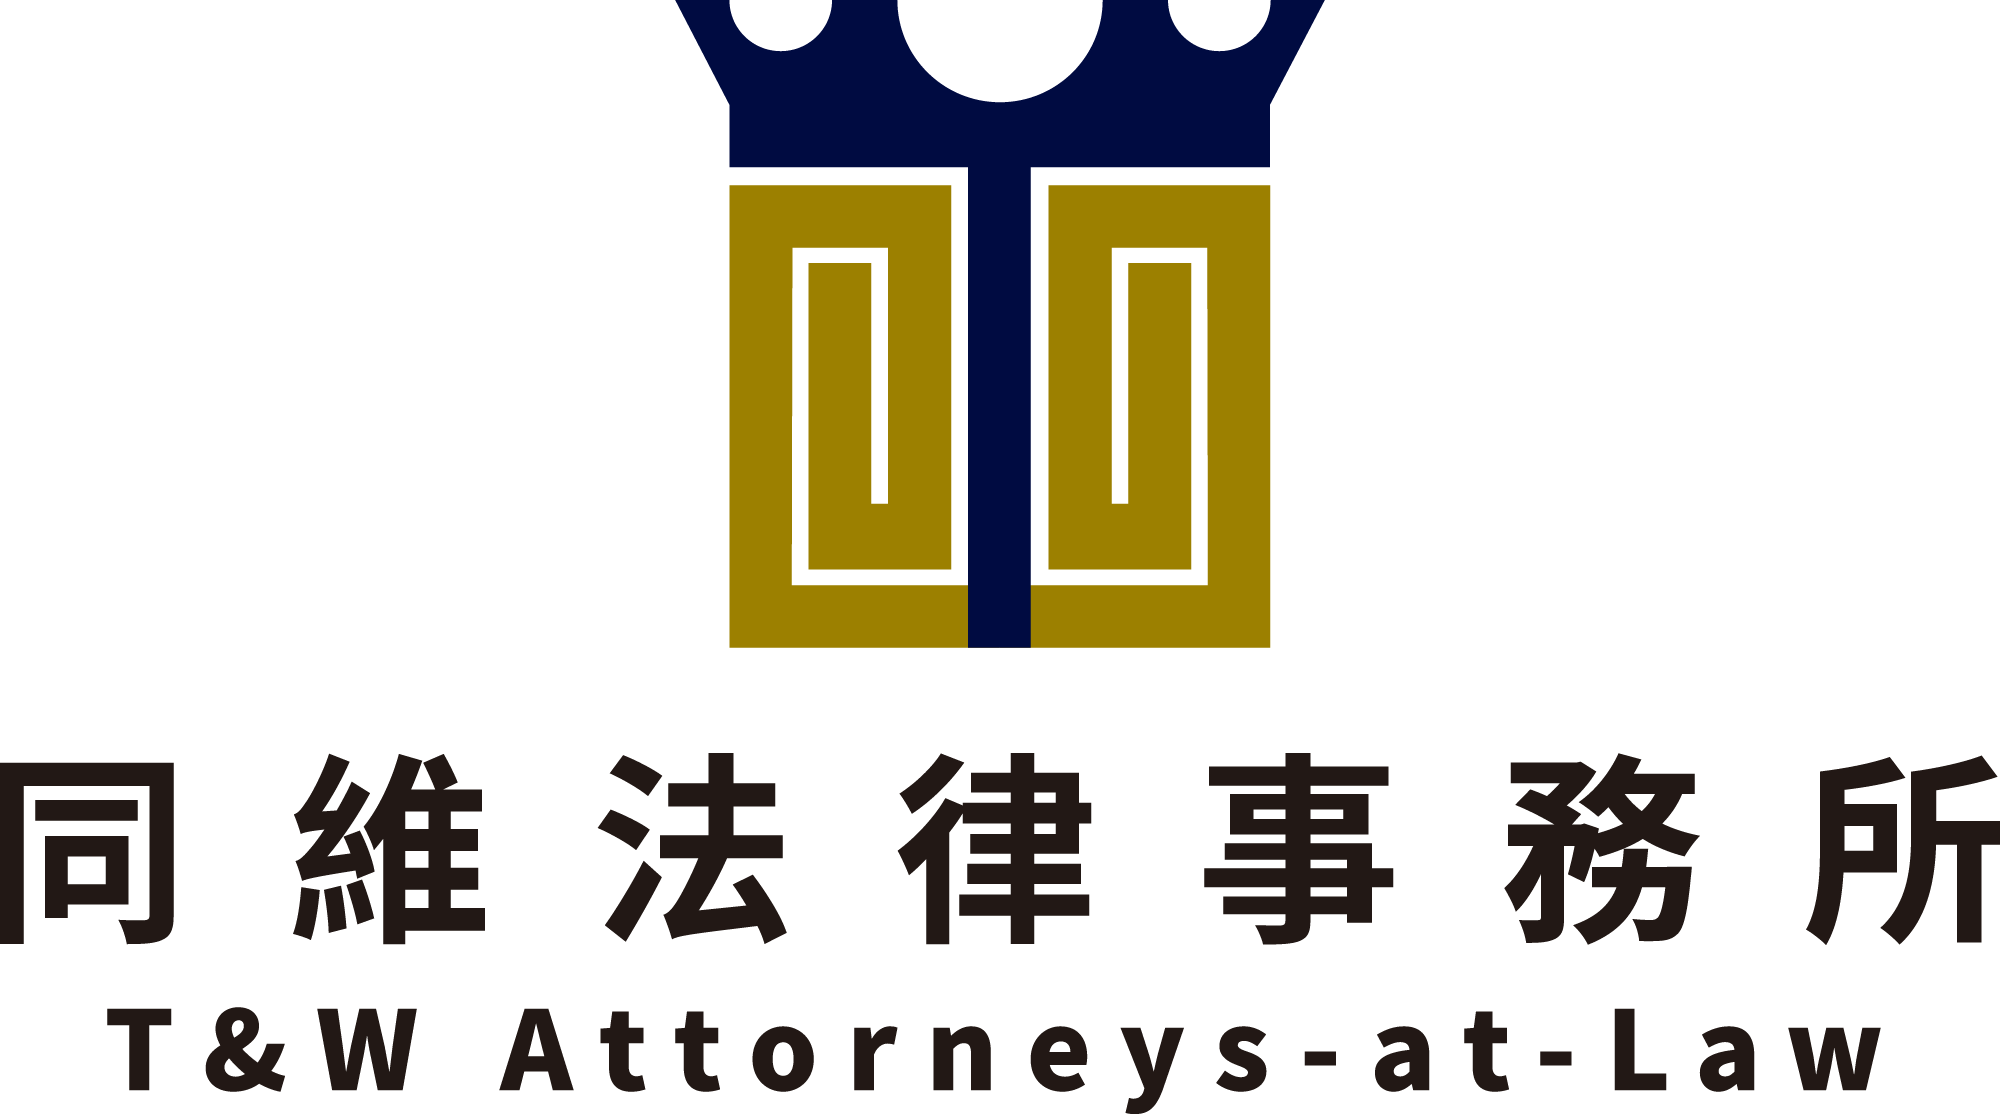 同維法律事務所-桃園法律事務所,桃園法律顧問